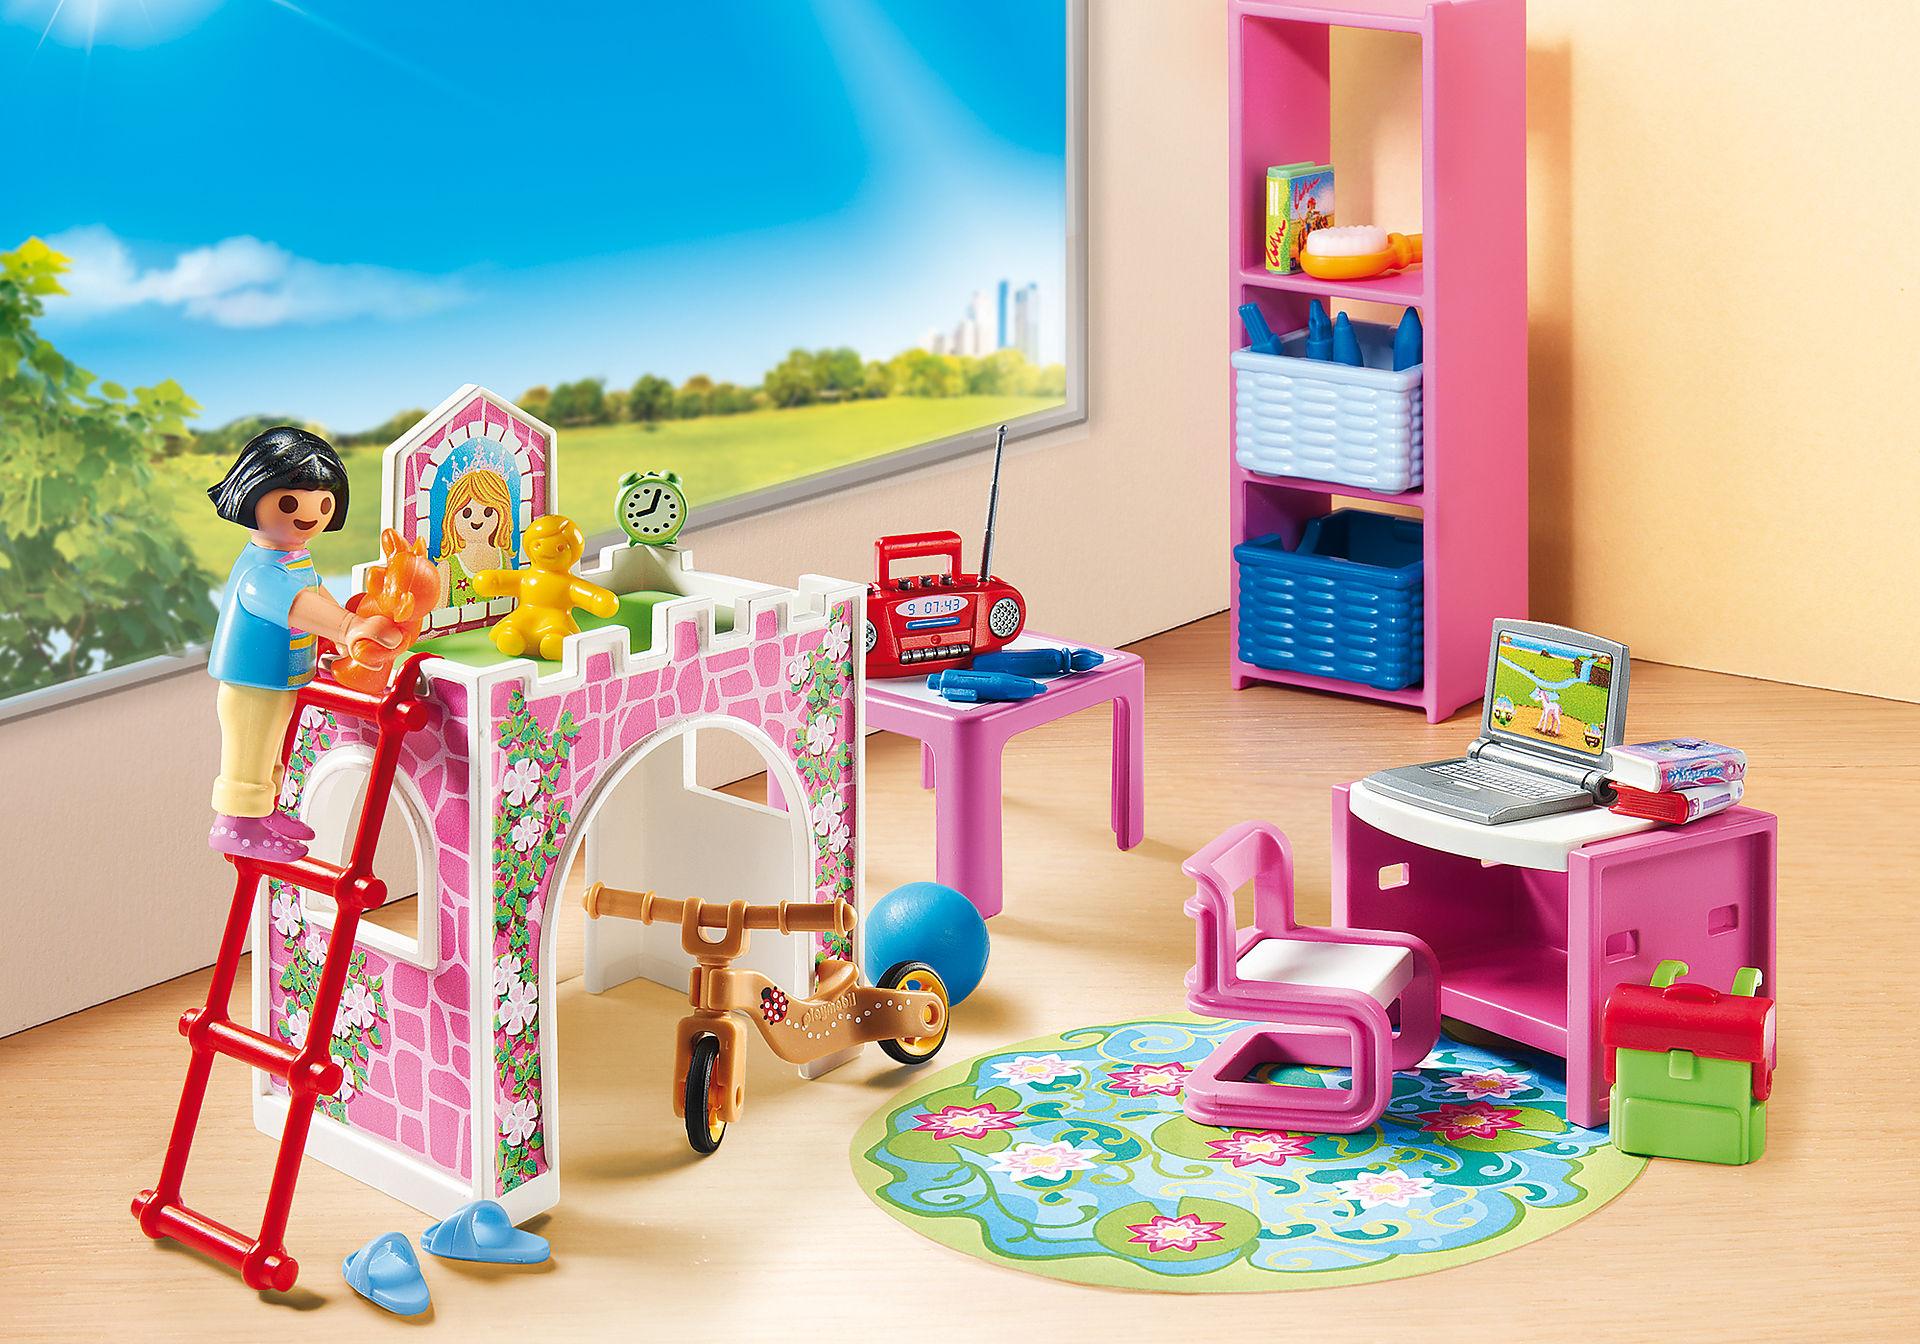 9270 Kolorowy pokój dziecięcy zoom image1